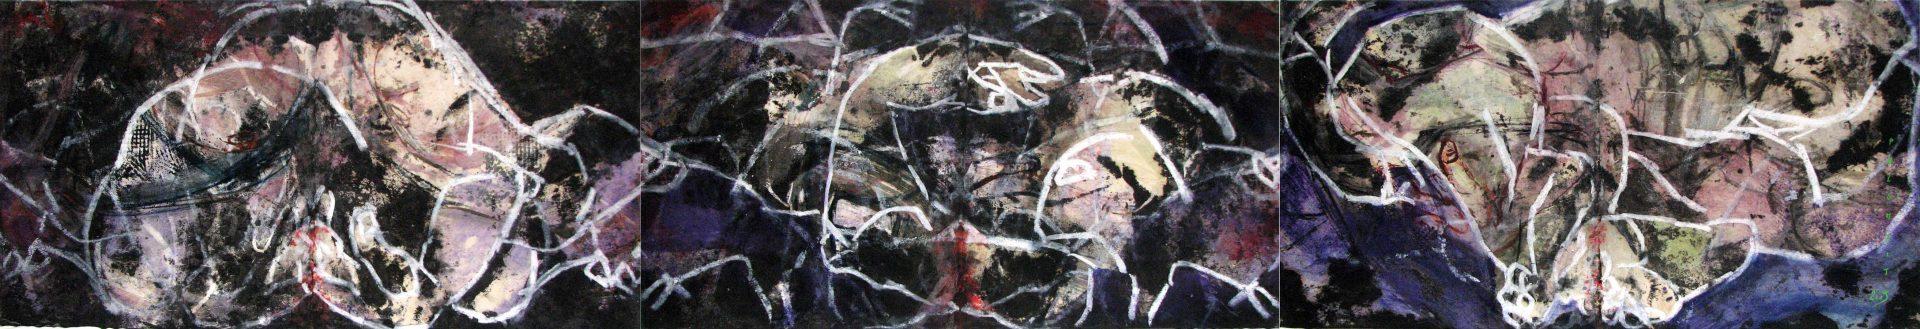 PANORAMIQUE ORGANIQUE - 2009 - Pastel, acrylique et huile sur papier chinois marouflé sur toile (57x333) - © Palombit